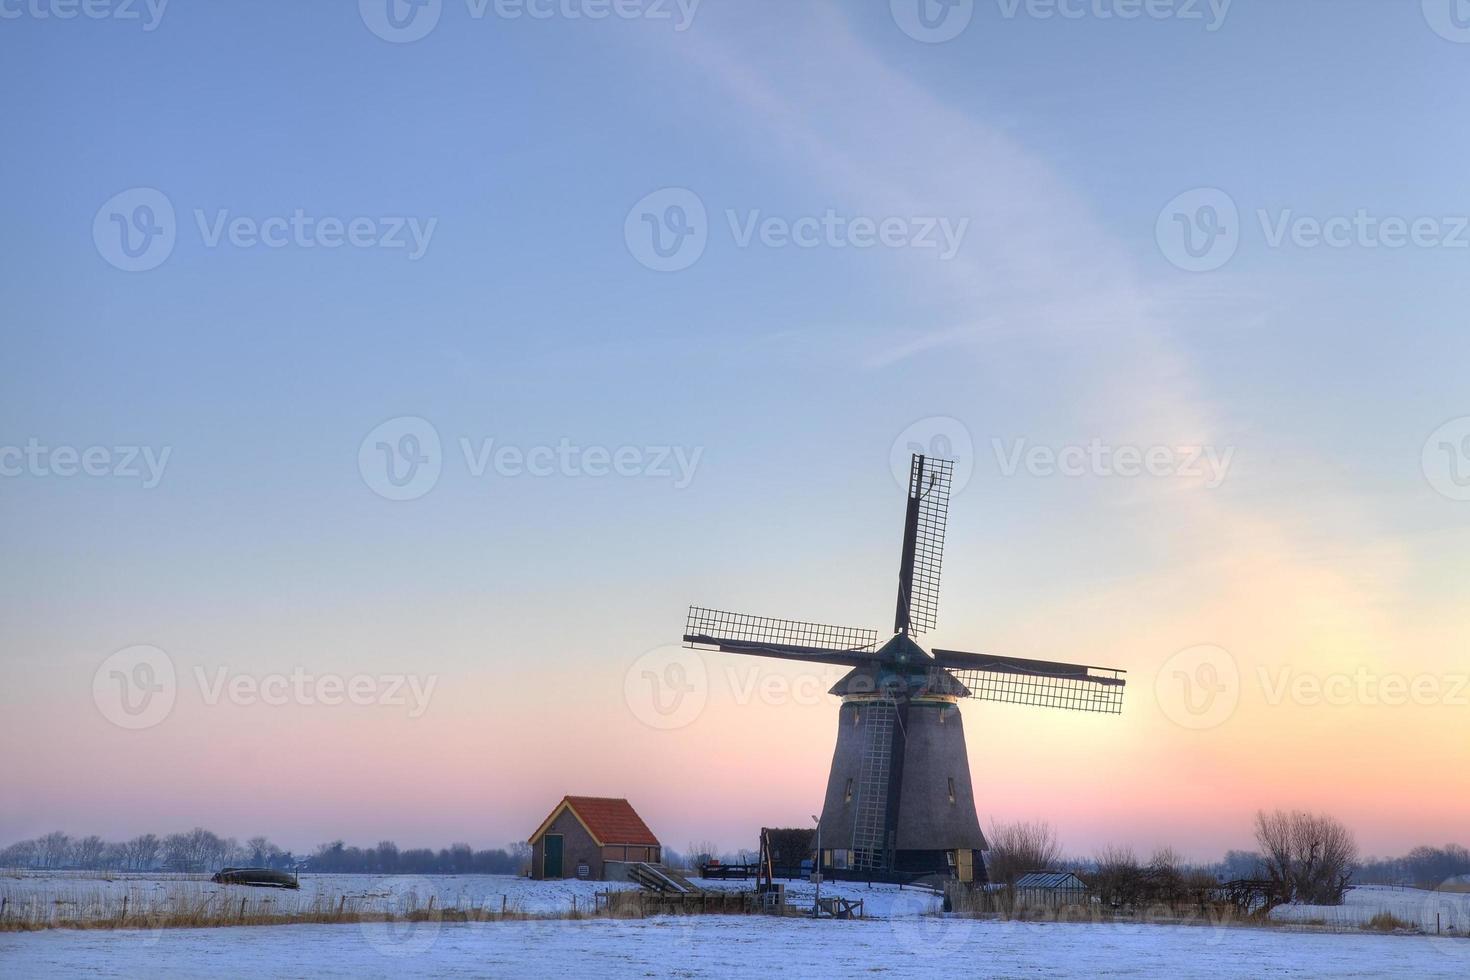 wnidmill em um pólder holandês antes do amanhecer. foto